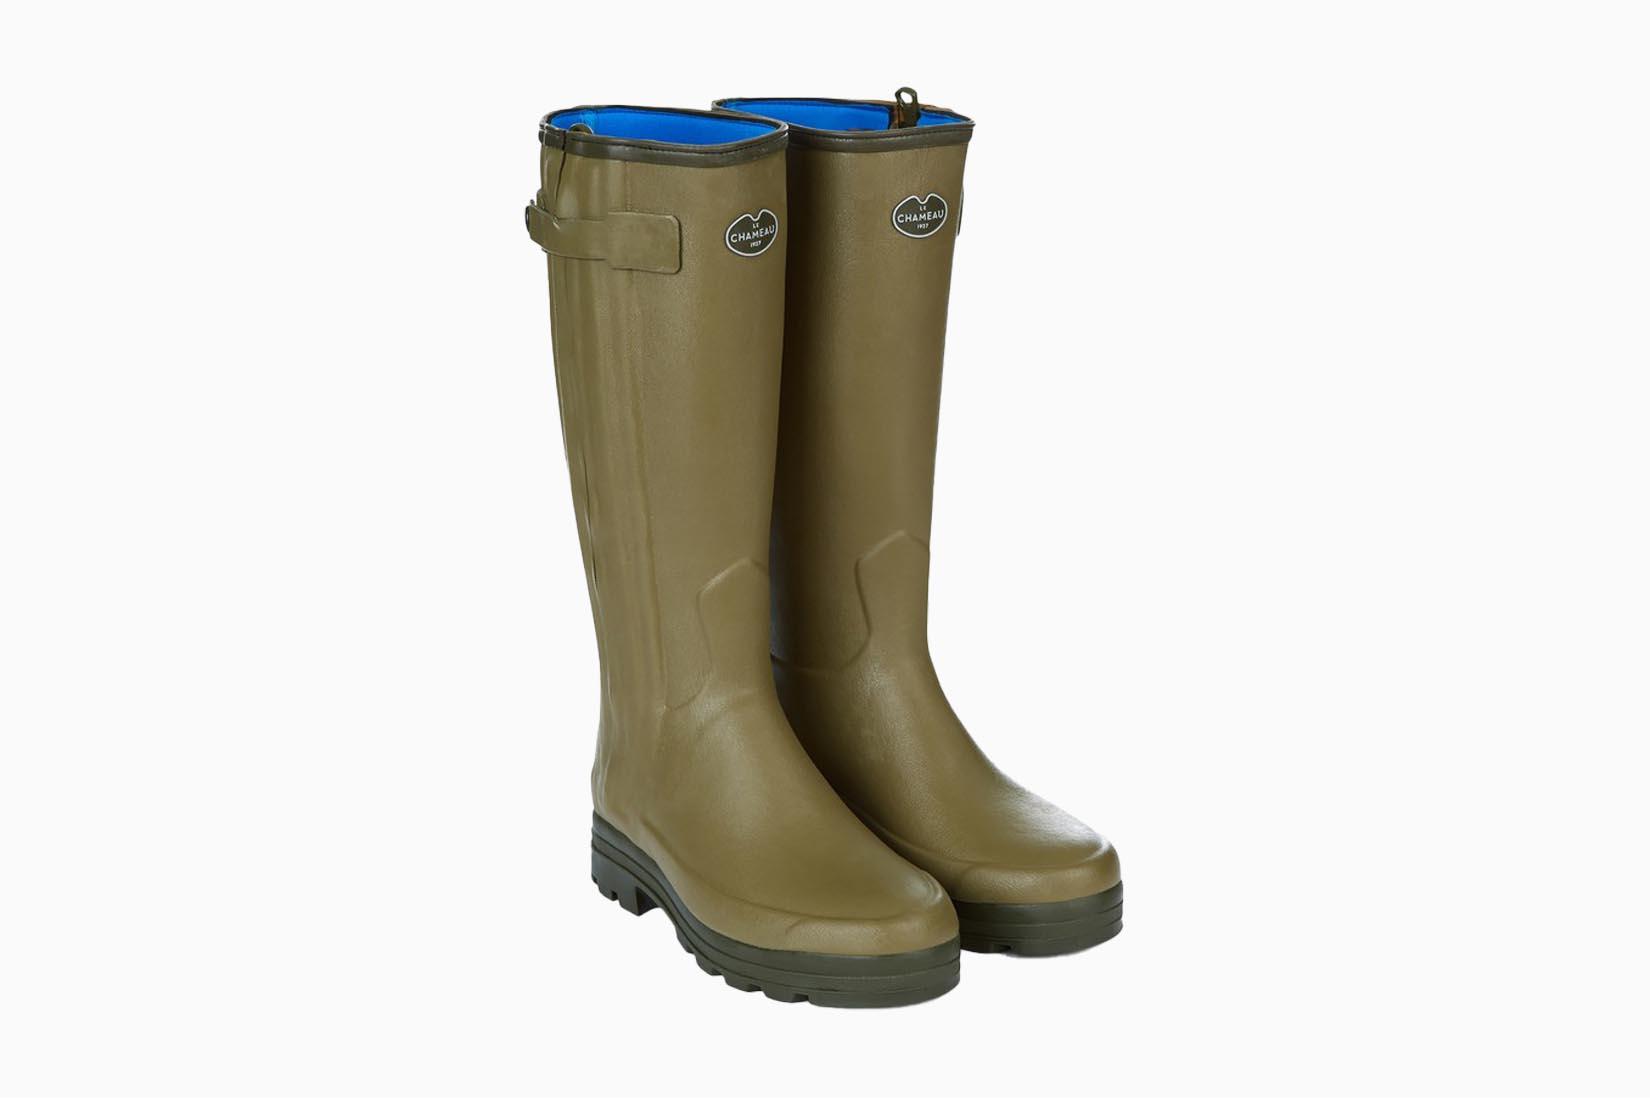 best boots men le chameau chasseur boots review Luxe Digital